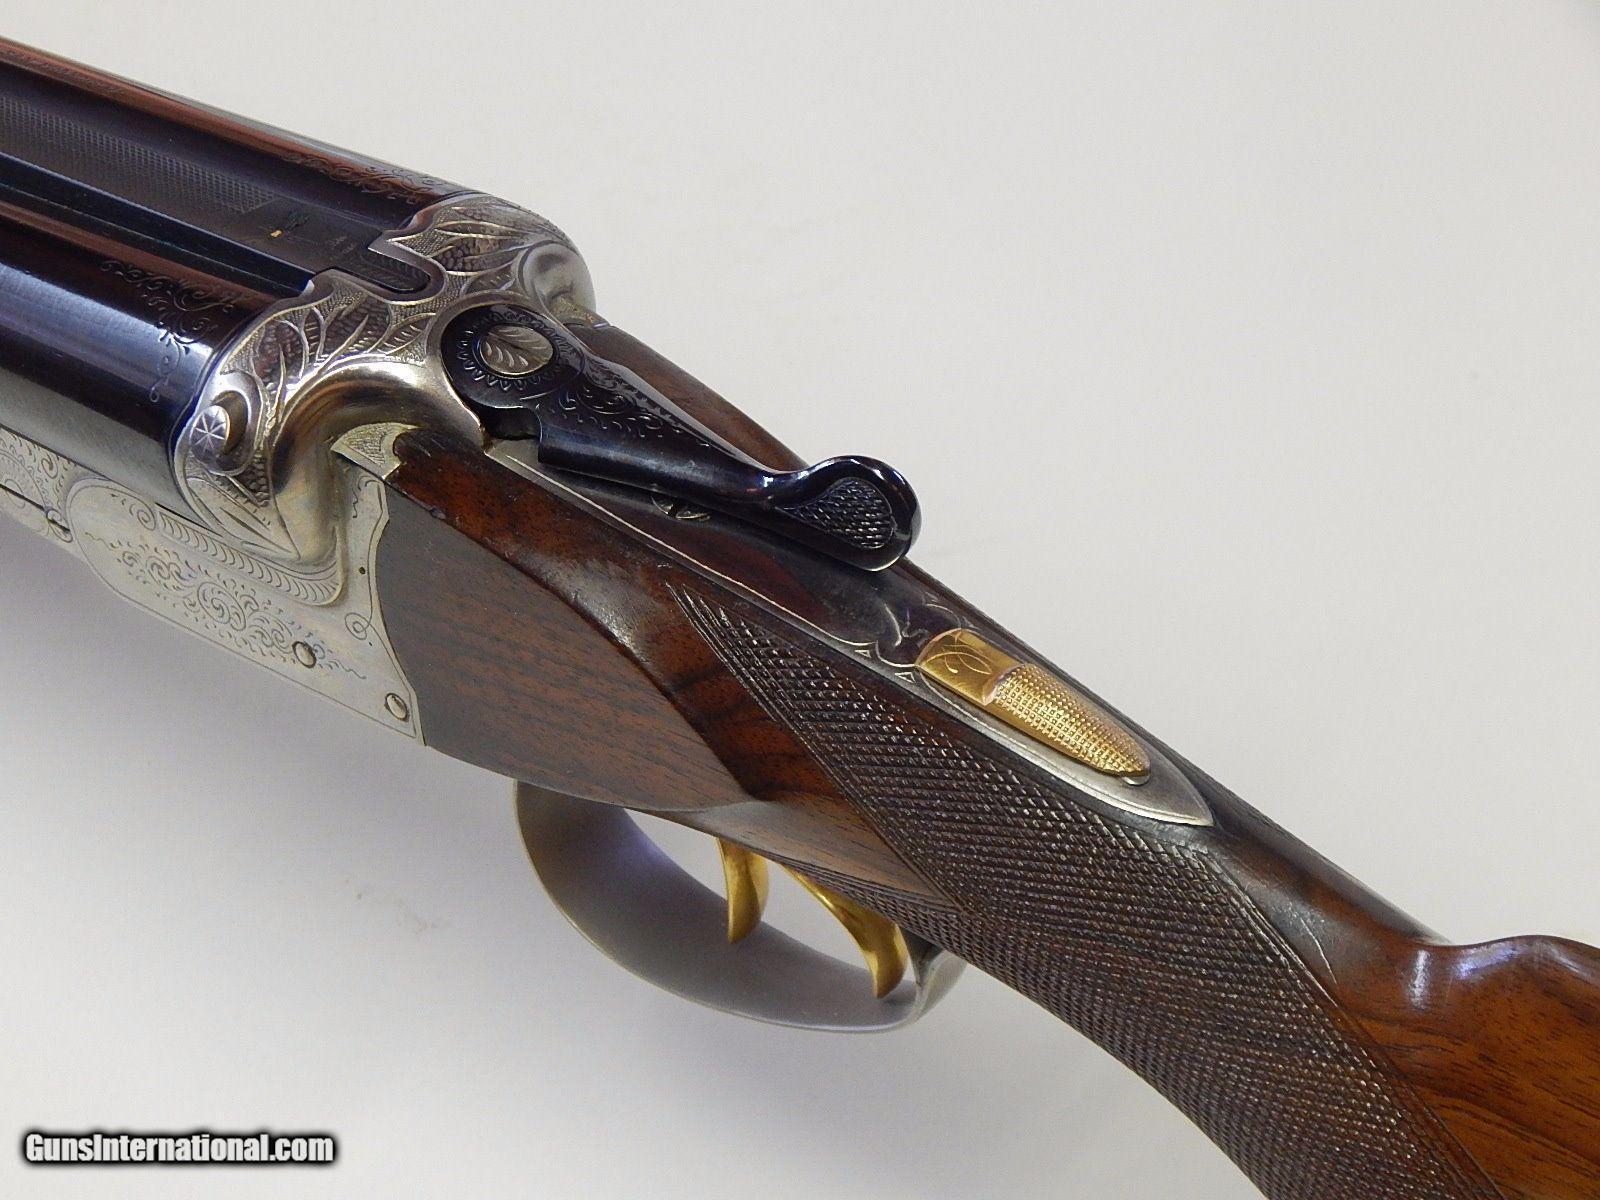 Neumann & Co  Liege, Belgium 10 Gauge Magnum